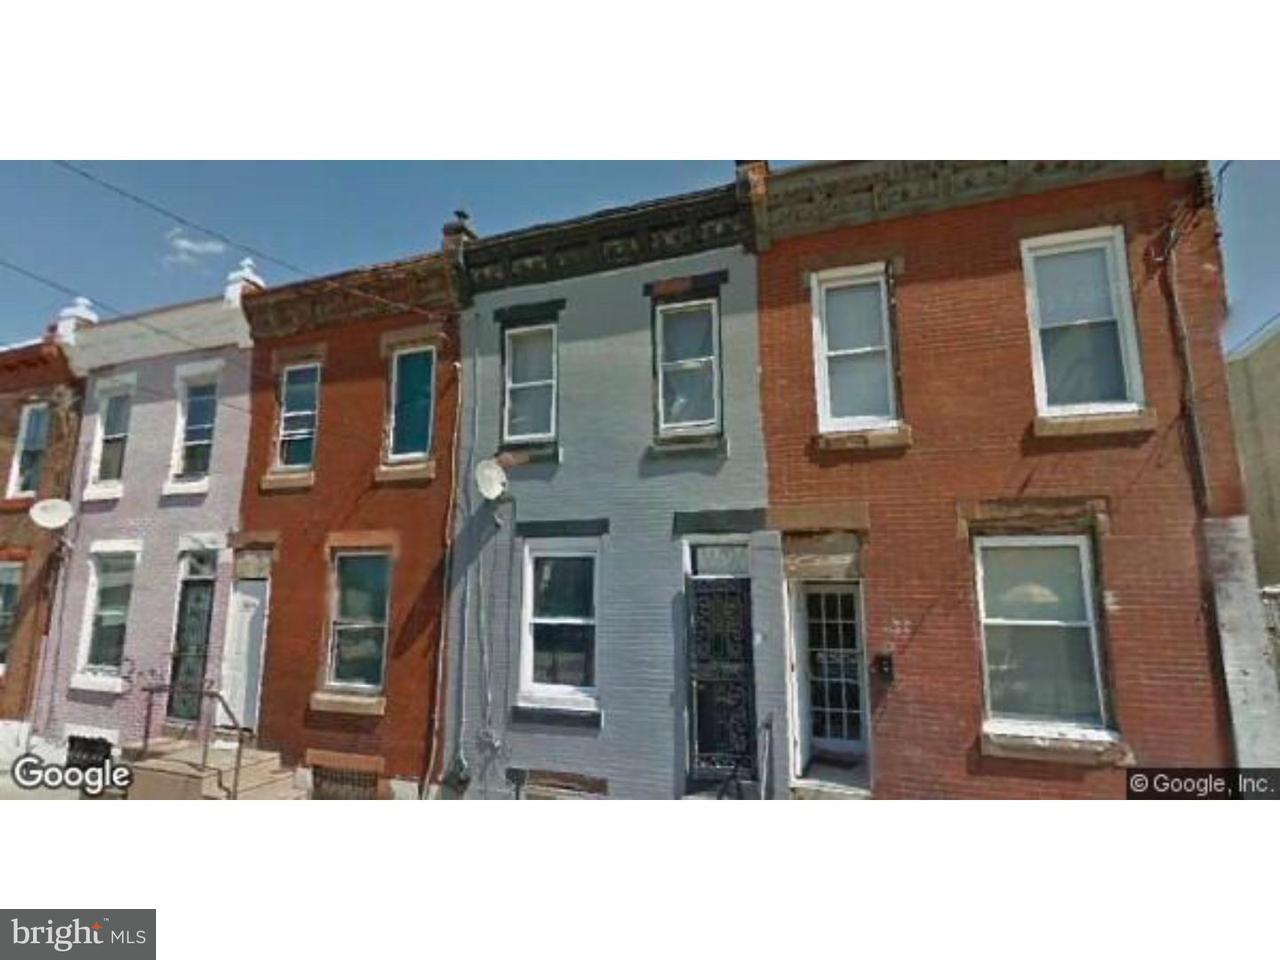 3019 N Reese Philadelphia, PA 19133